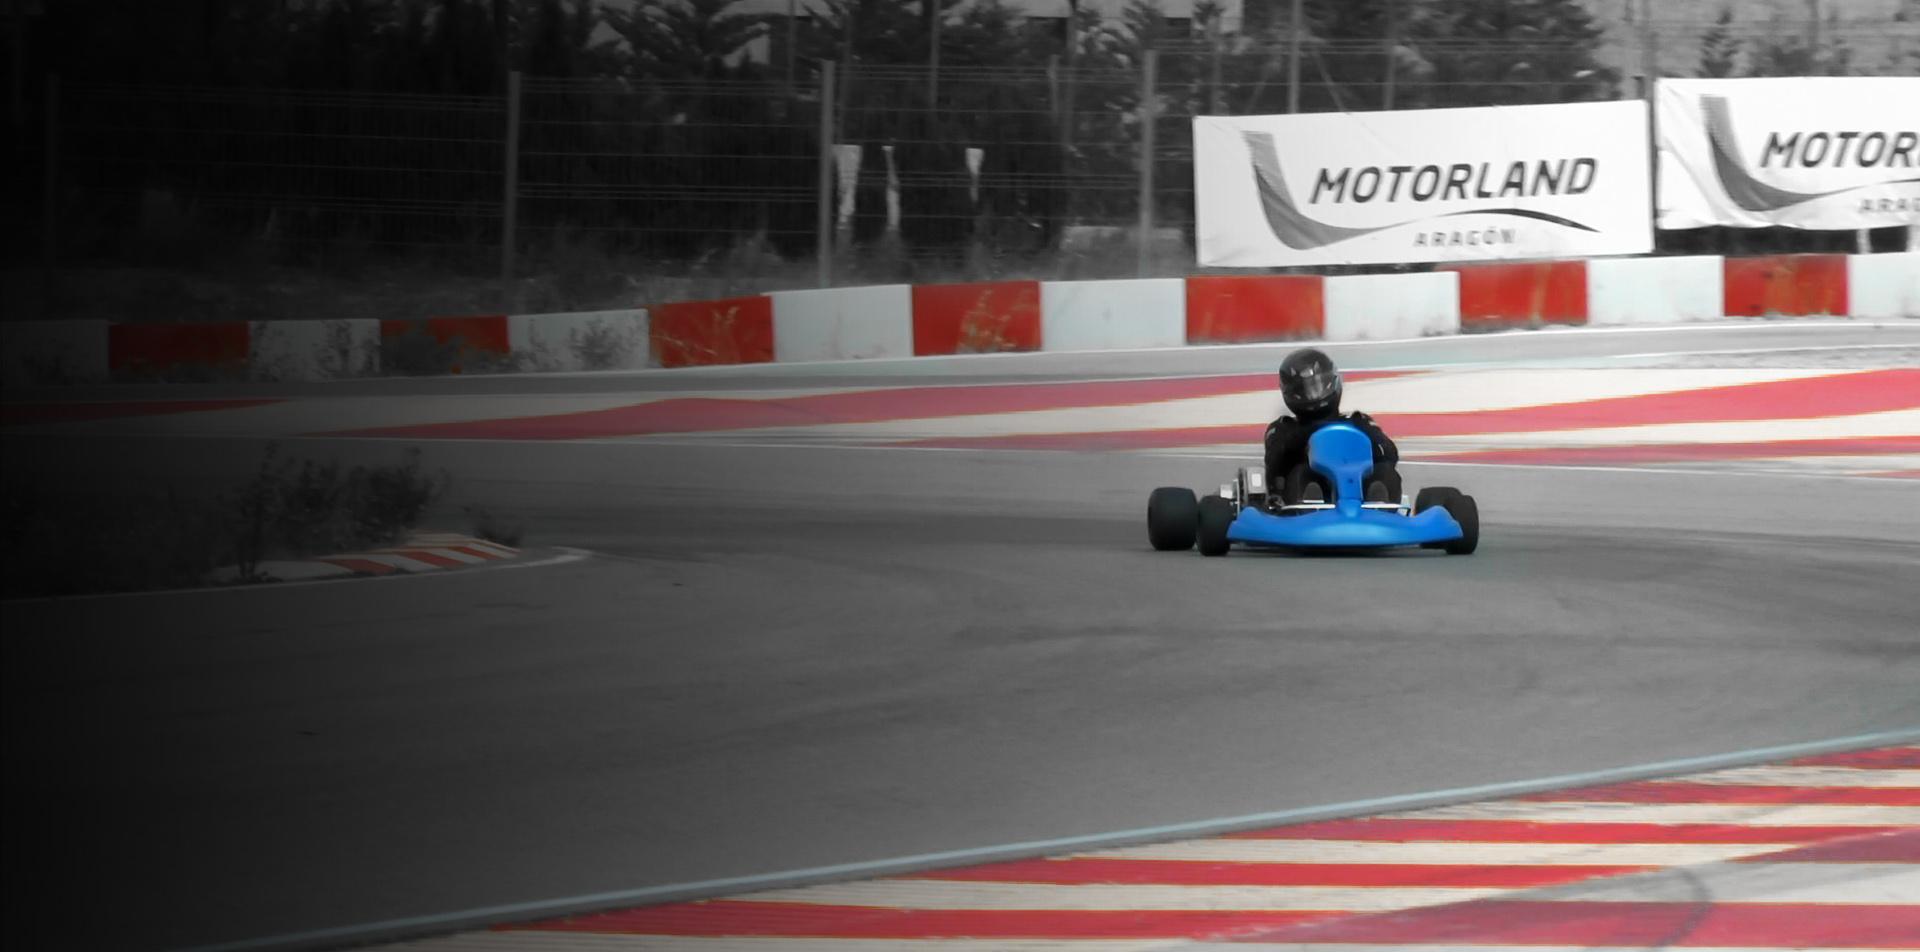 kart circuito motorland